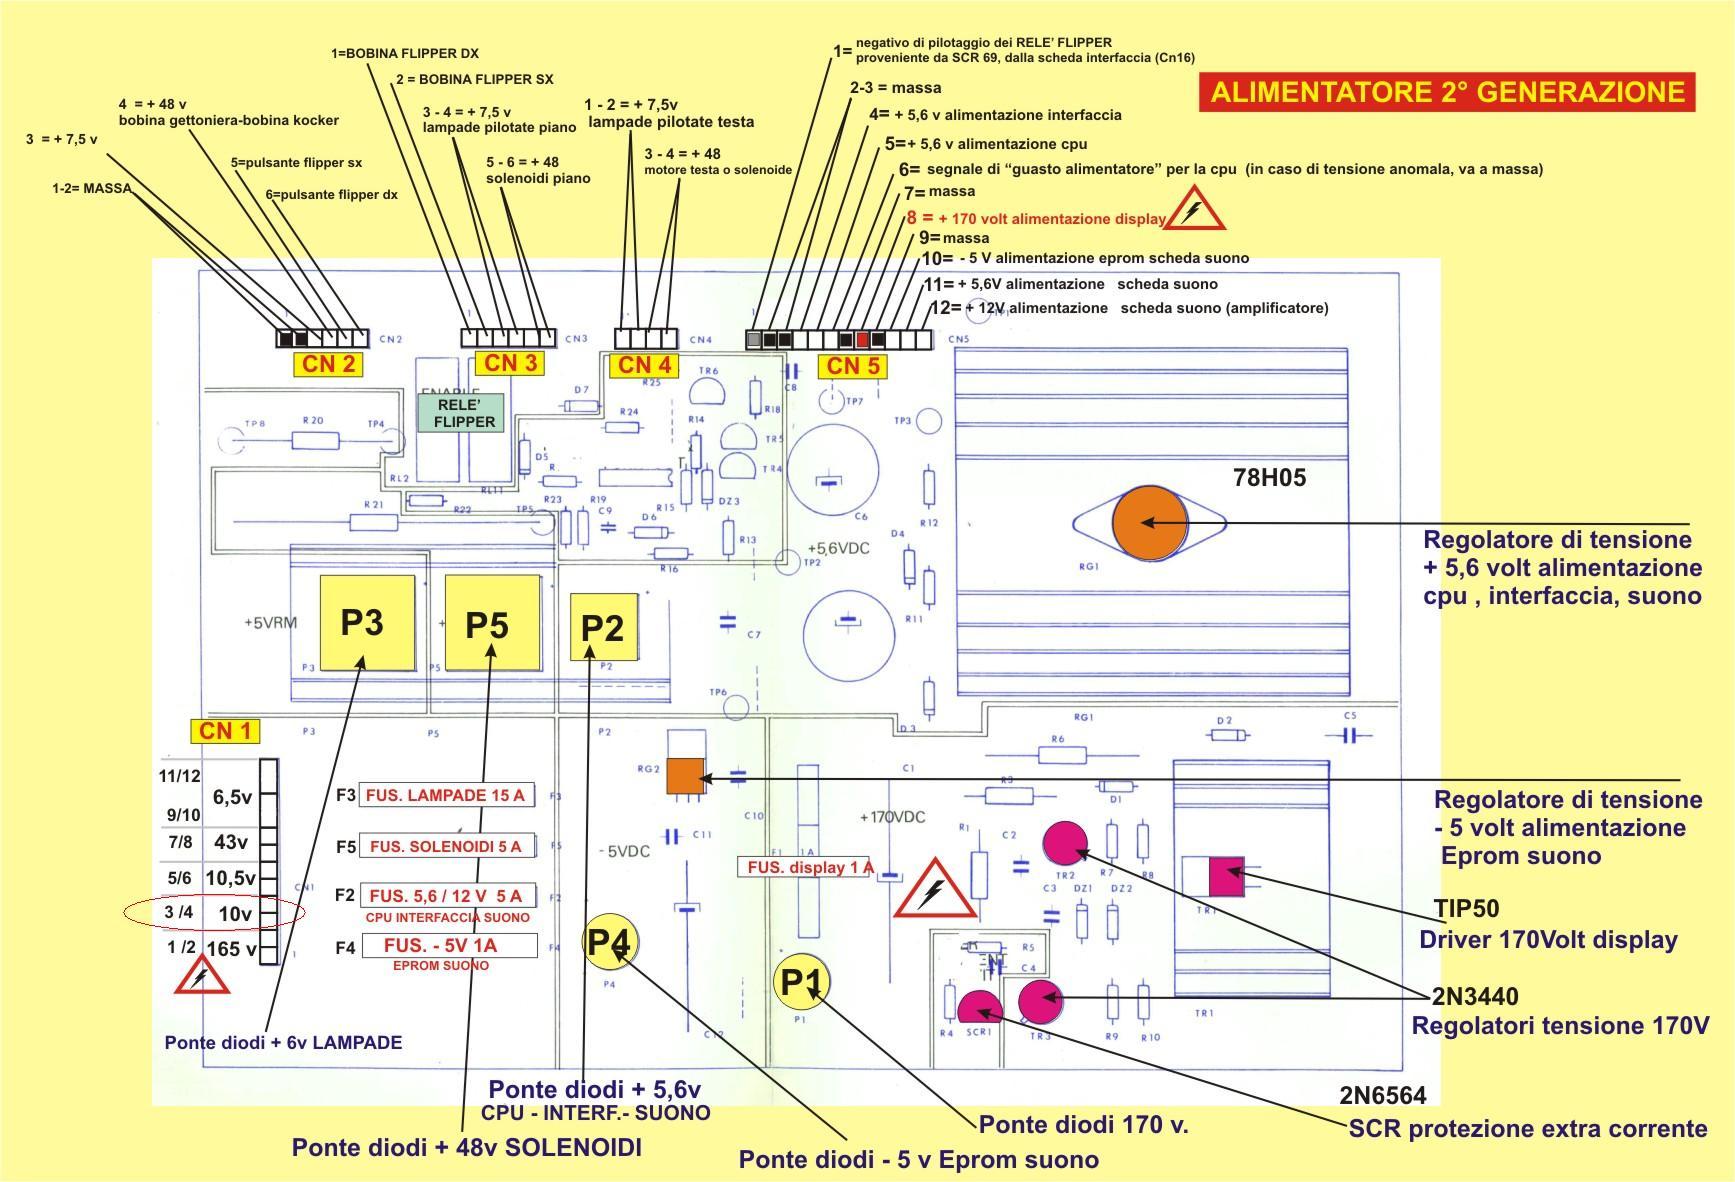 Schema Elettrico Piastra Per Capelli Ghd : La riparazione del flipper scramble tecnoplay che non si